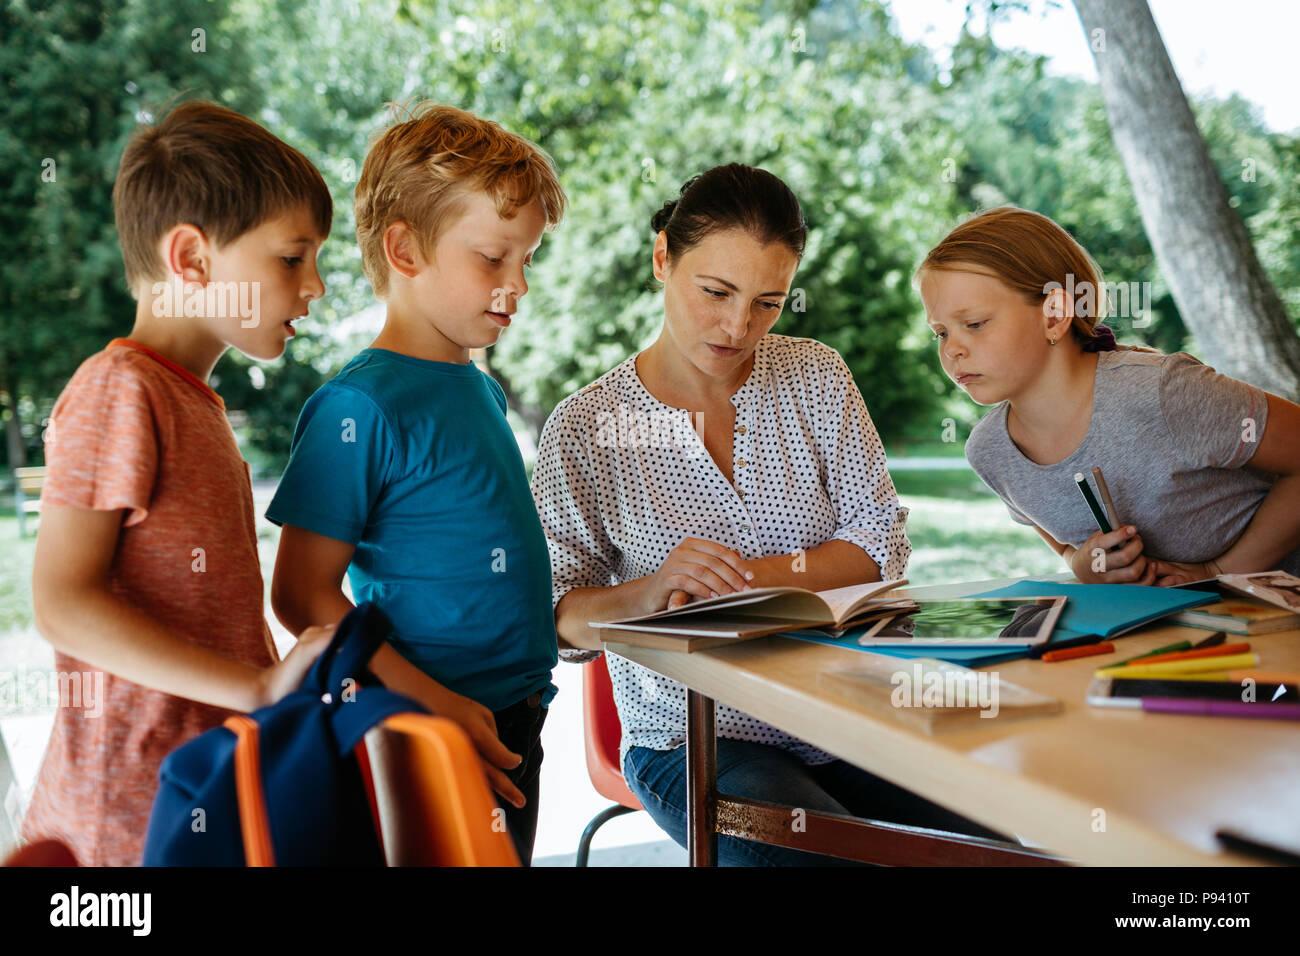 Schoolchildren engaged in listening to a teacher. Teacher explaining to children. - Stock Image